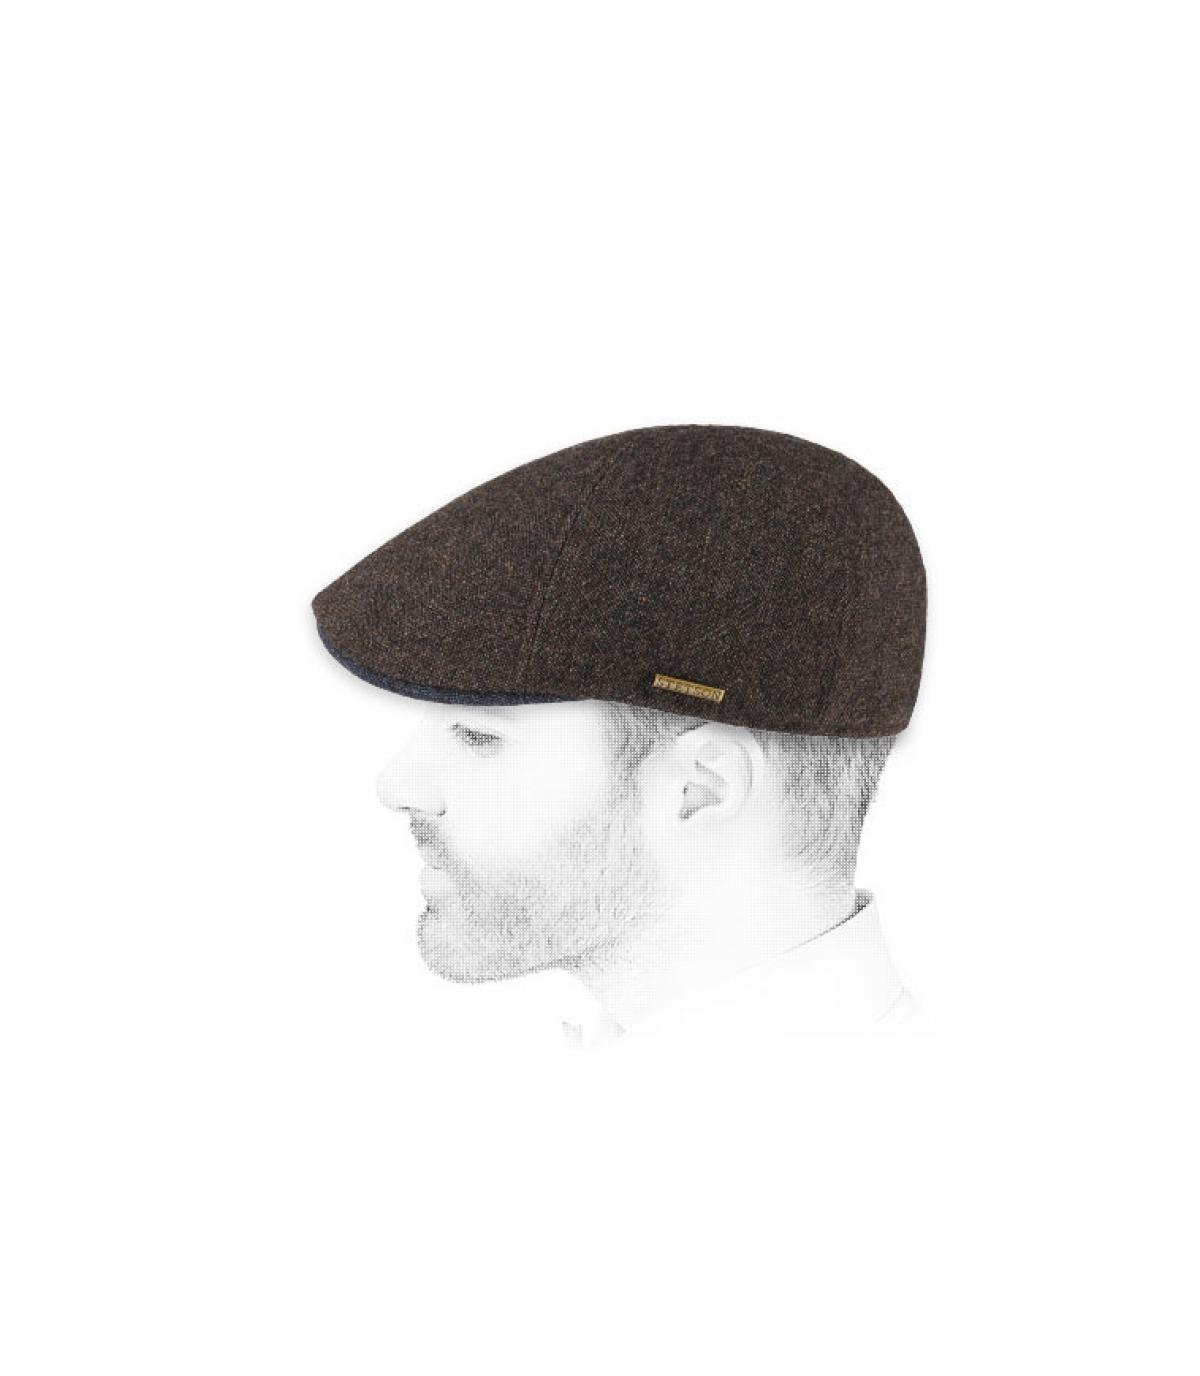 brown wool duckbill cap